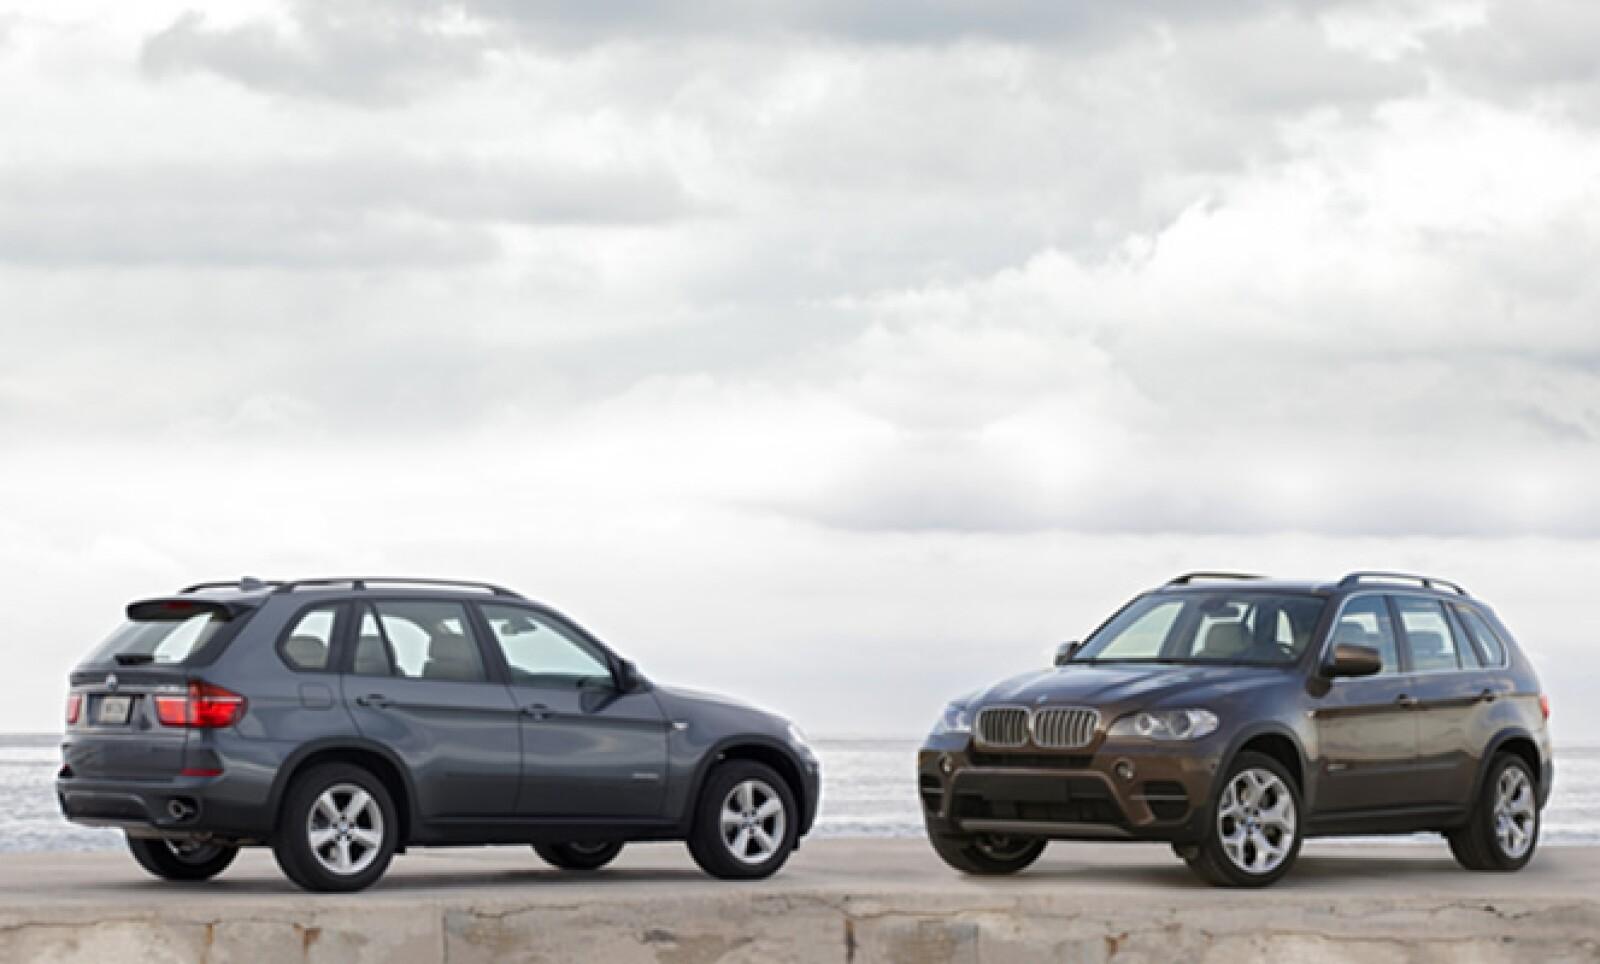 La firma alemana BMW anunció la disponibilidad en México de su nuevo modelo X5, en dos versiones: BMW X5 xDrive35i y BMW X5 xDrive50i.